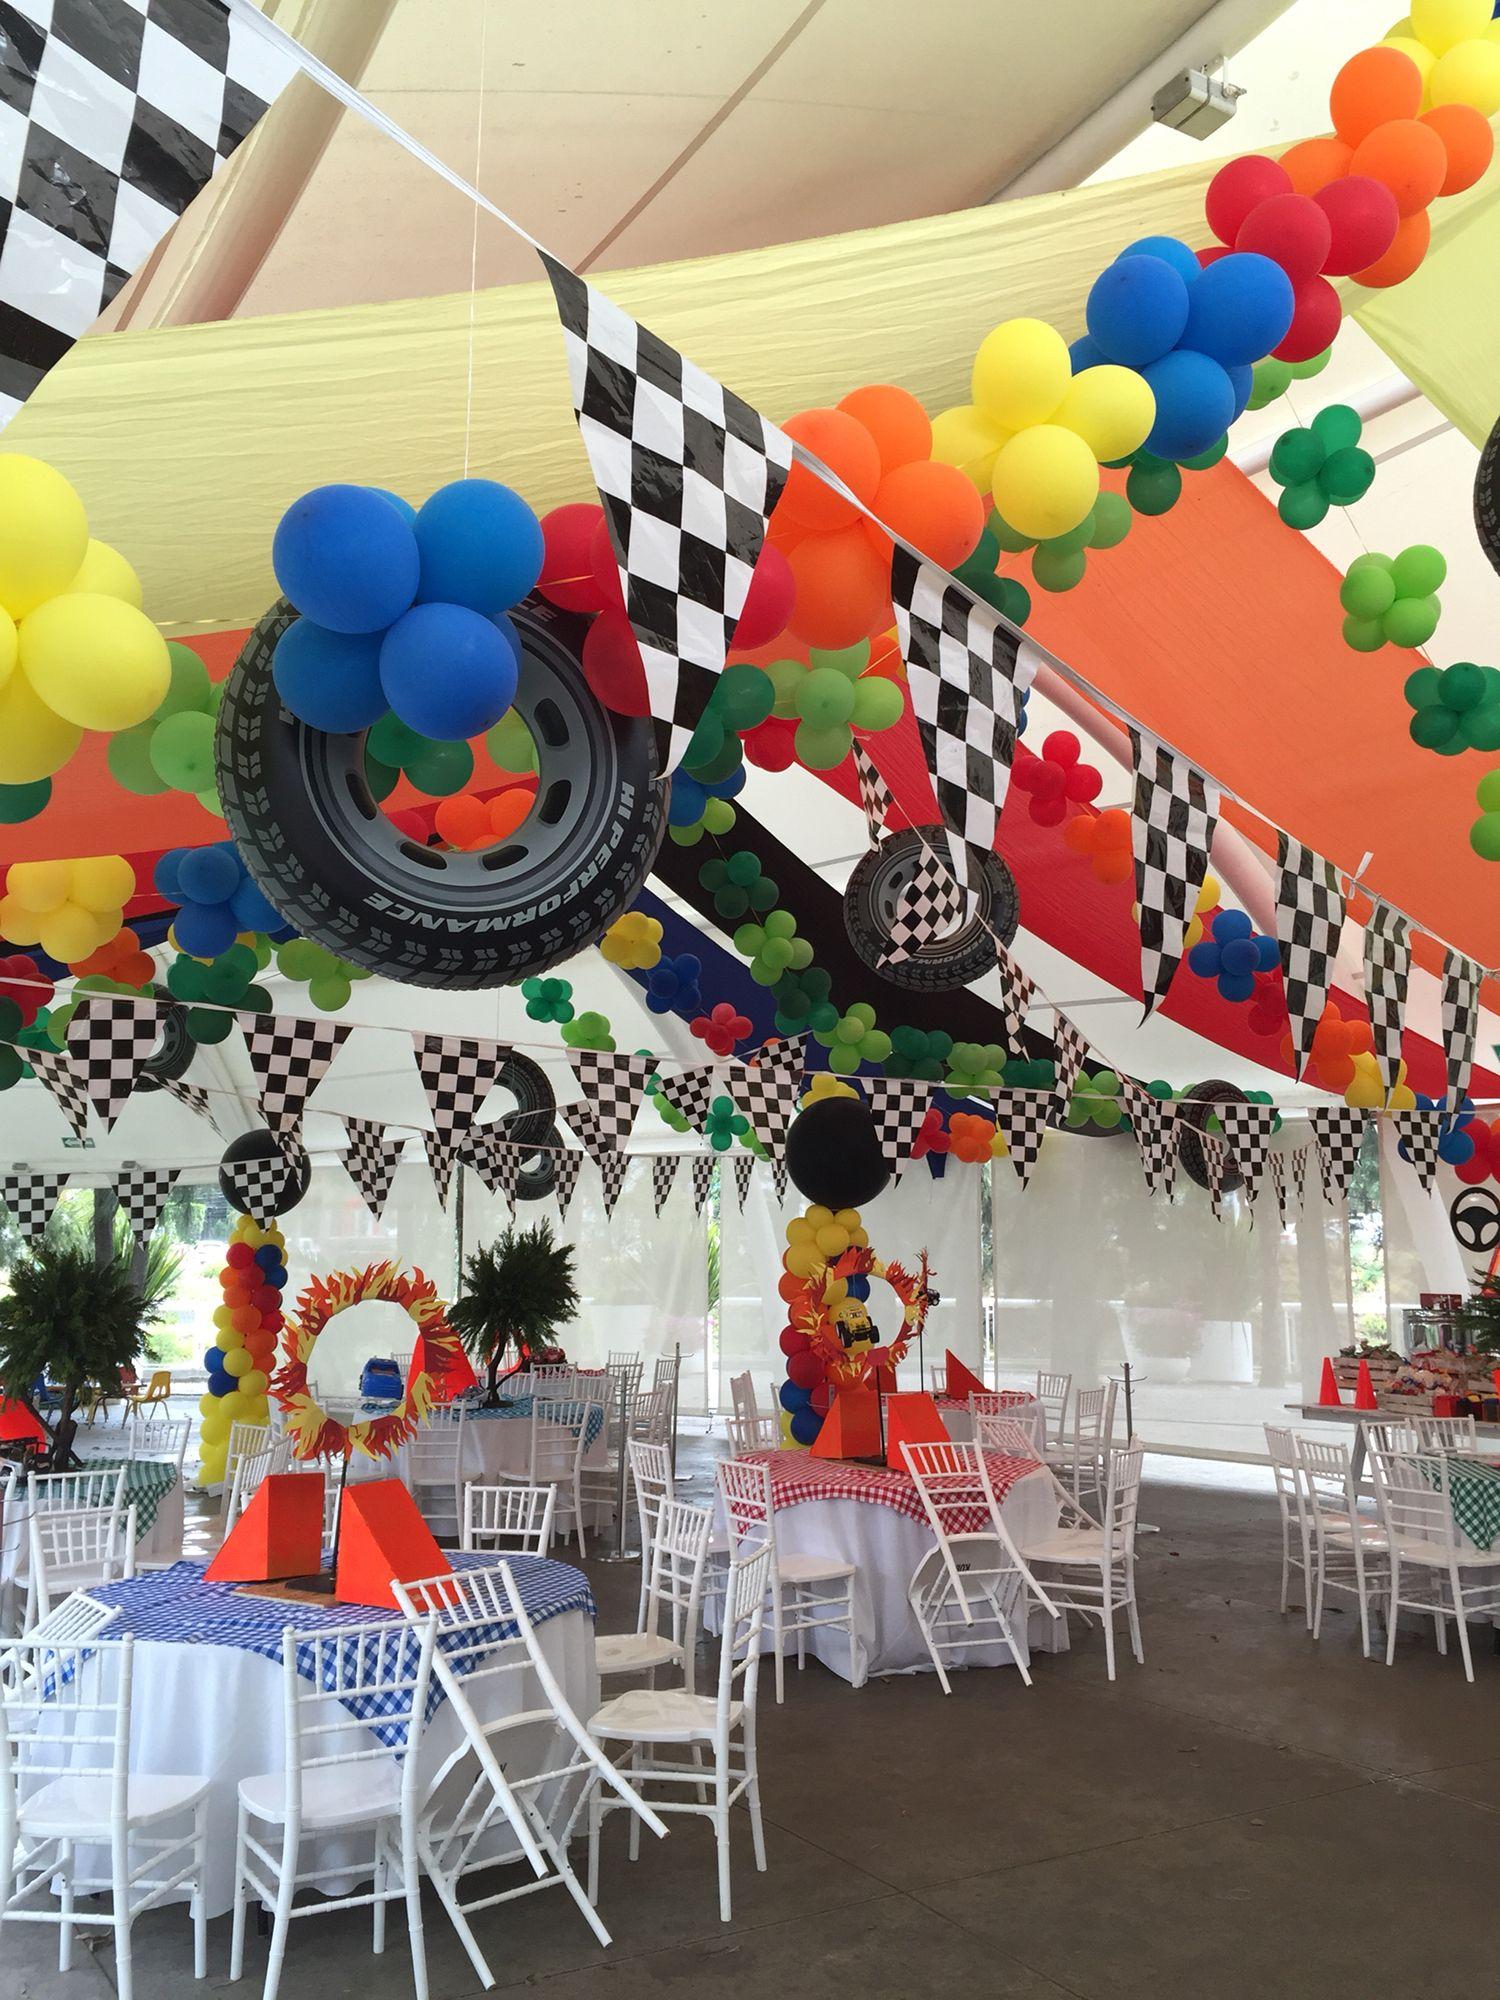 Decoraci n fiesta hot wheels con encanto by marita - Ideas decoracion fiesta ...